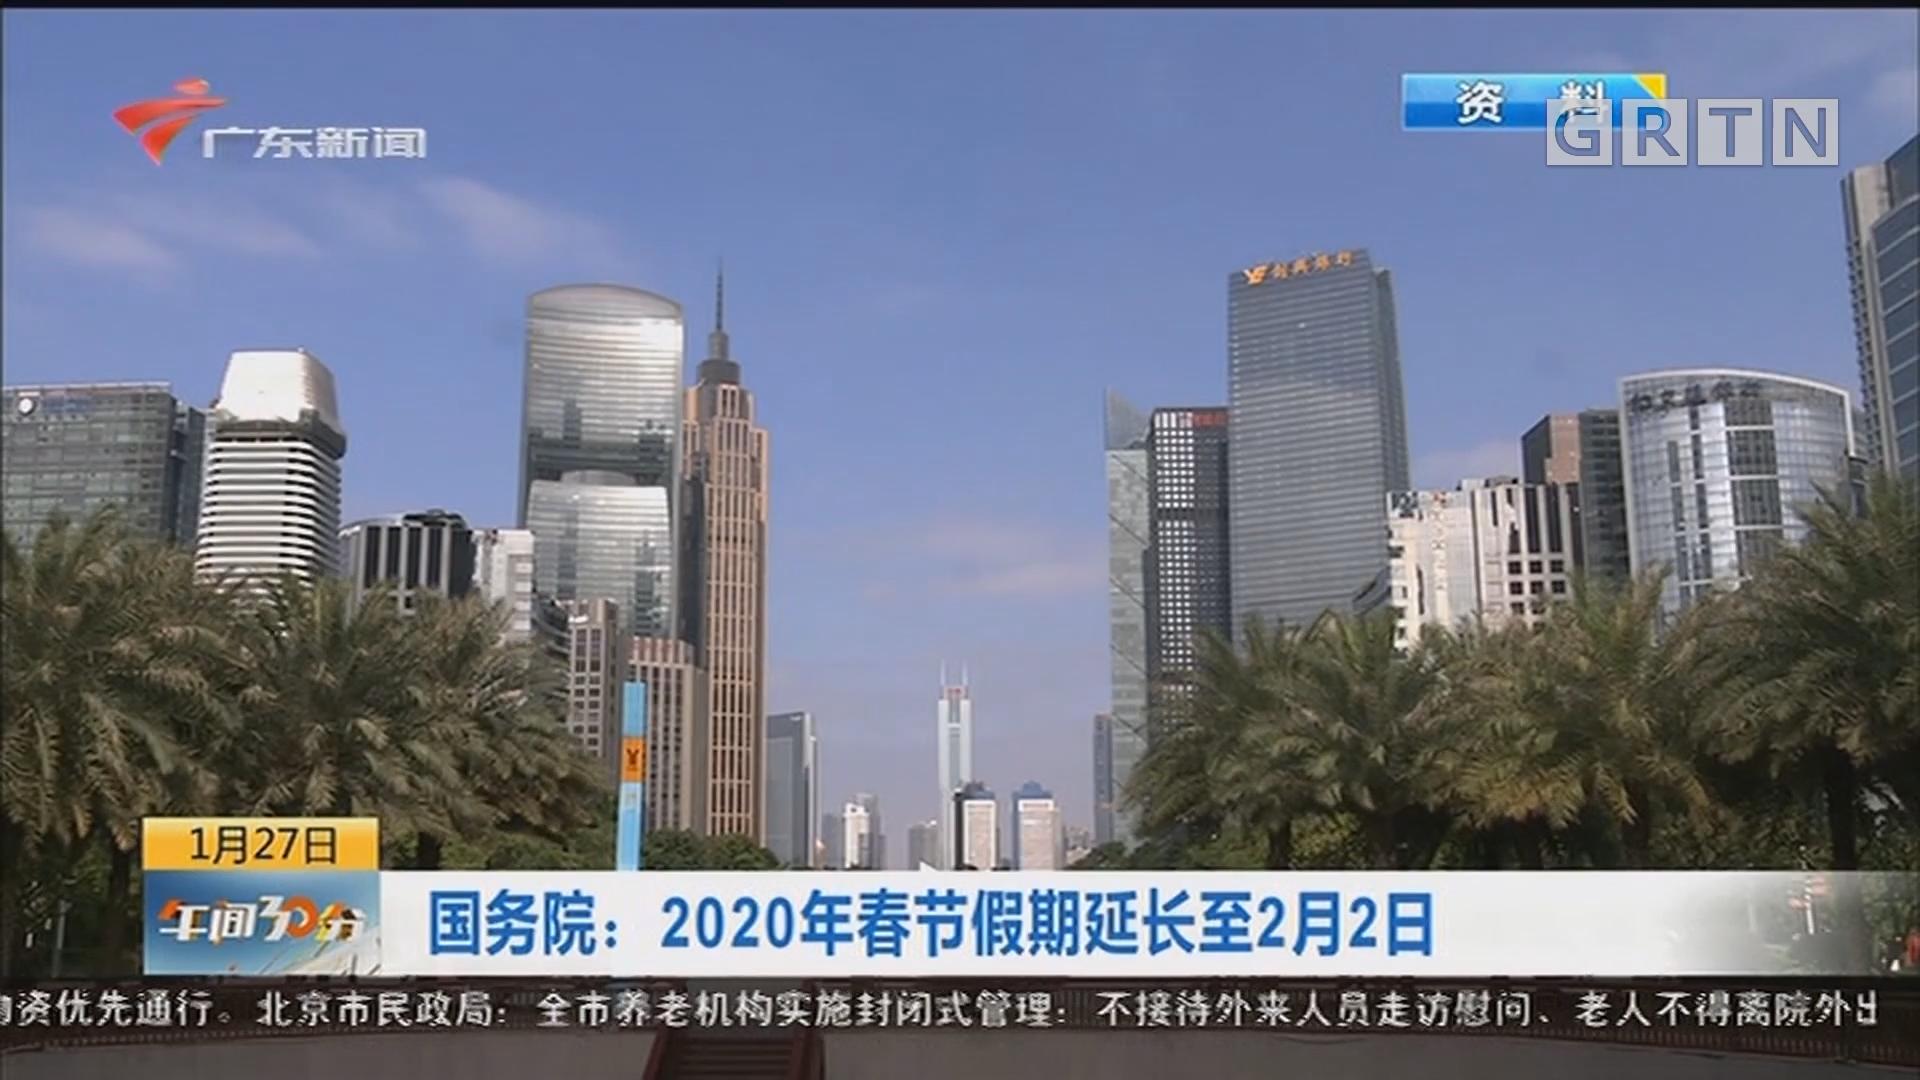 国务院:2020年春节假期延长至2月2日